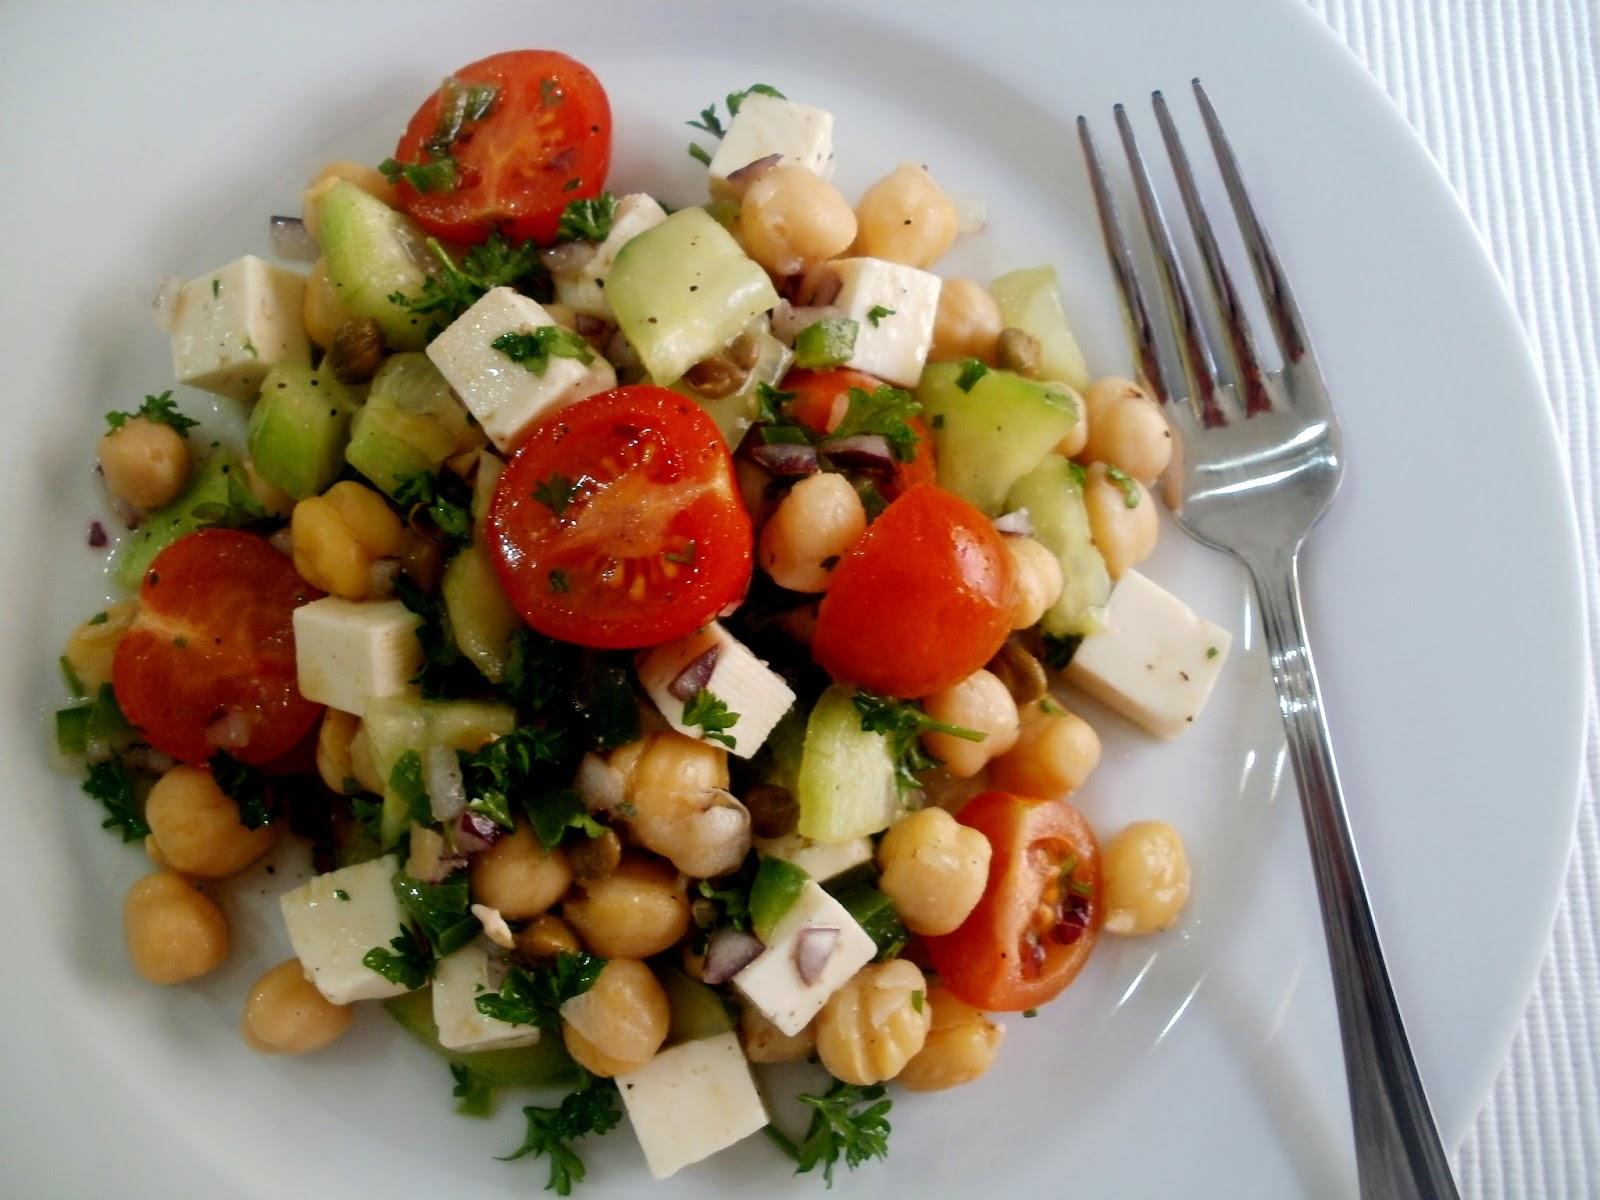 Plato blanco con tenedor de metal con ensalada de garbanzos,tomate y verduras